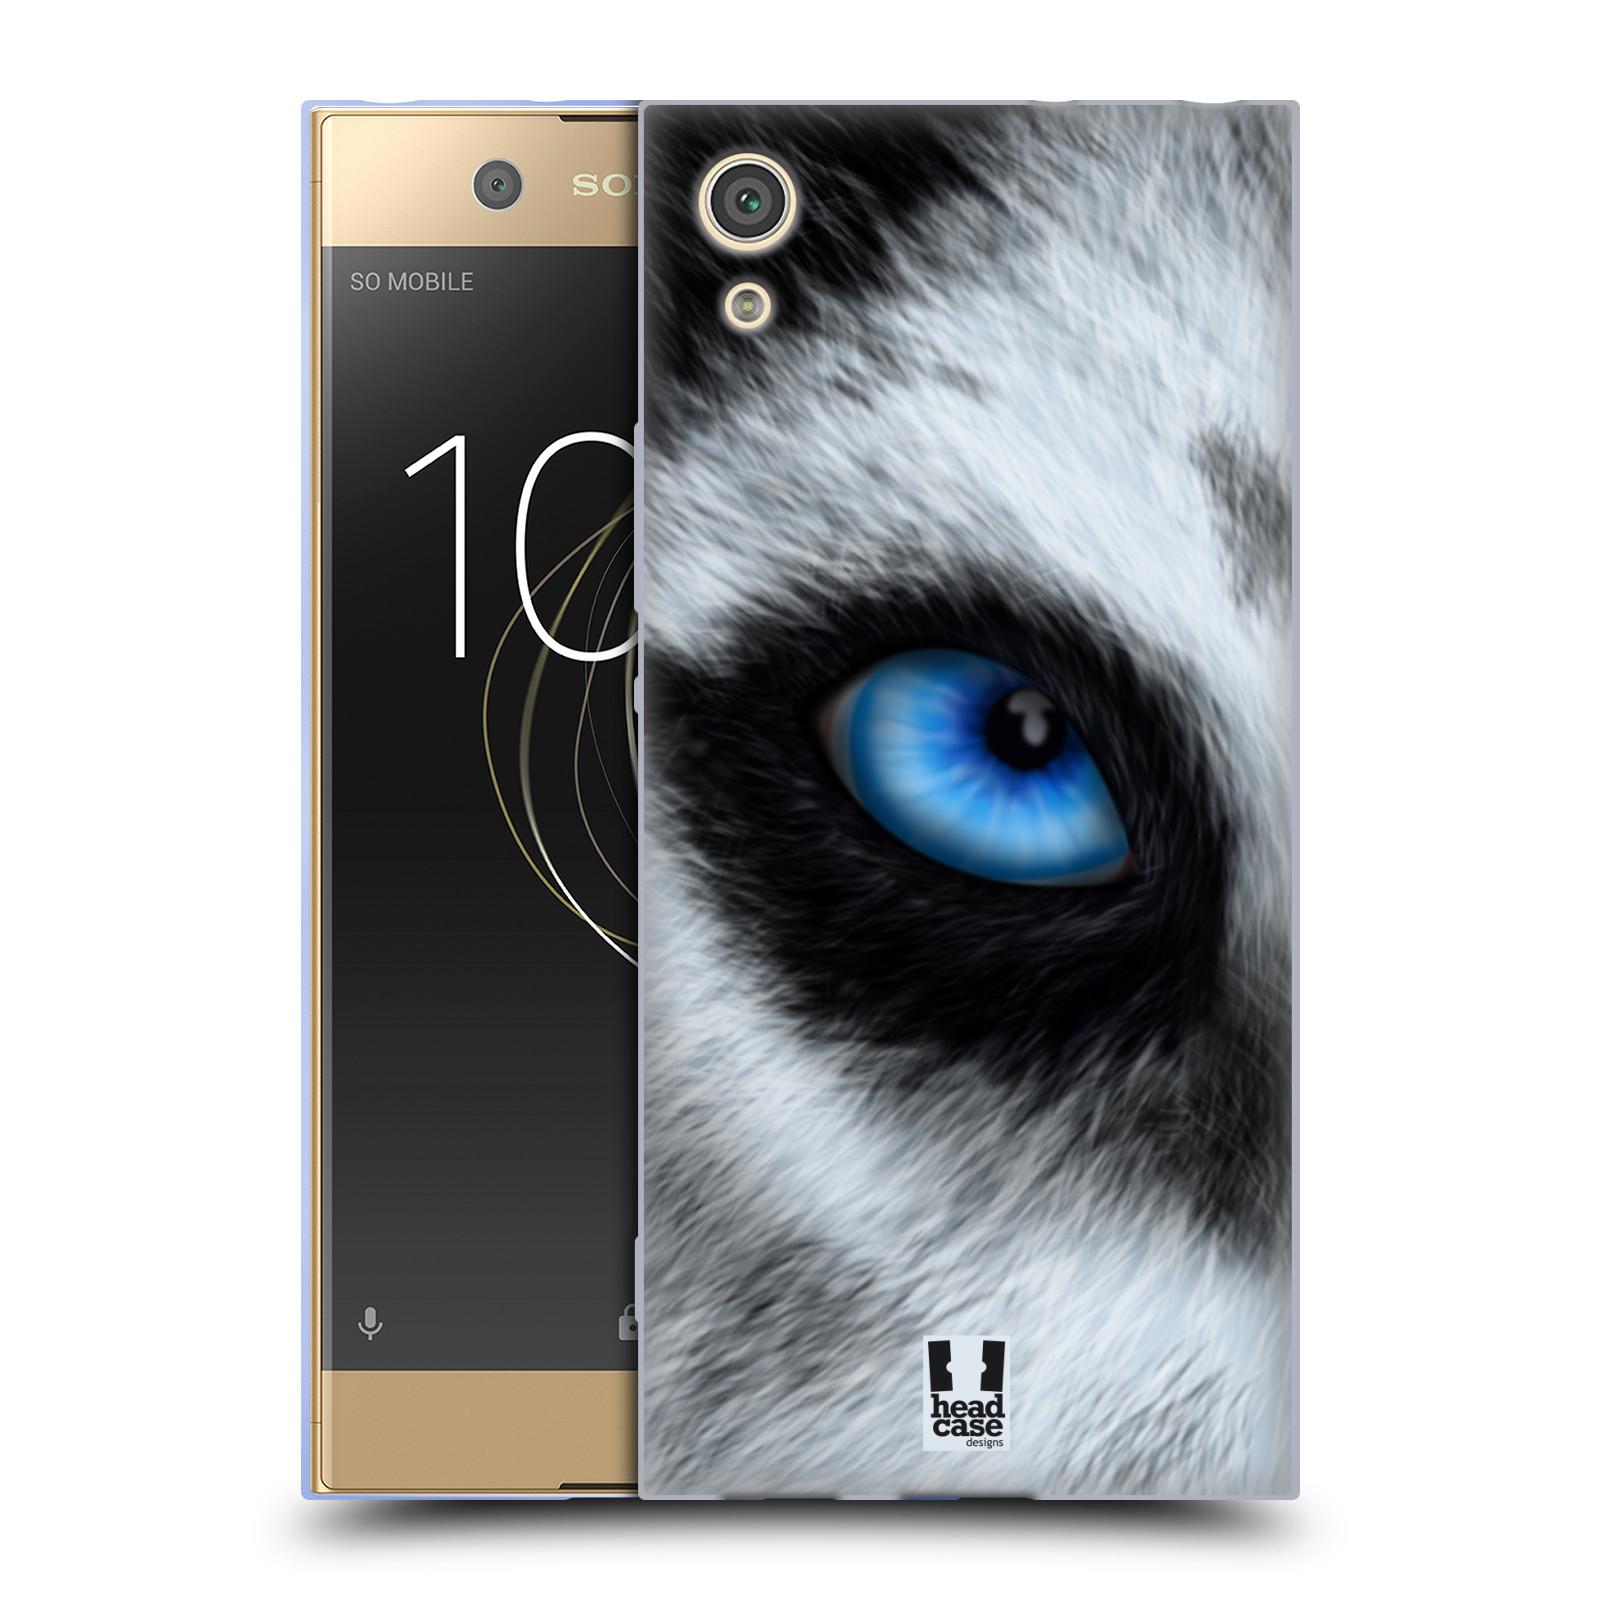 HEAD CASE silikonový obal na mobil Sony Xperia XA1 / XA1 DUAL SIM vzor pohled zvířete oko pes husky